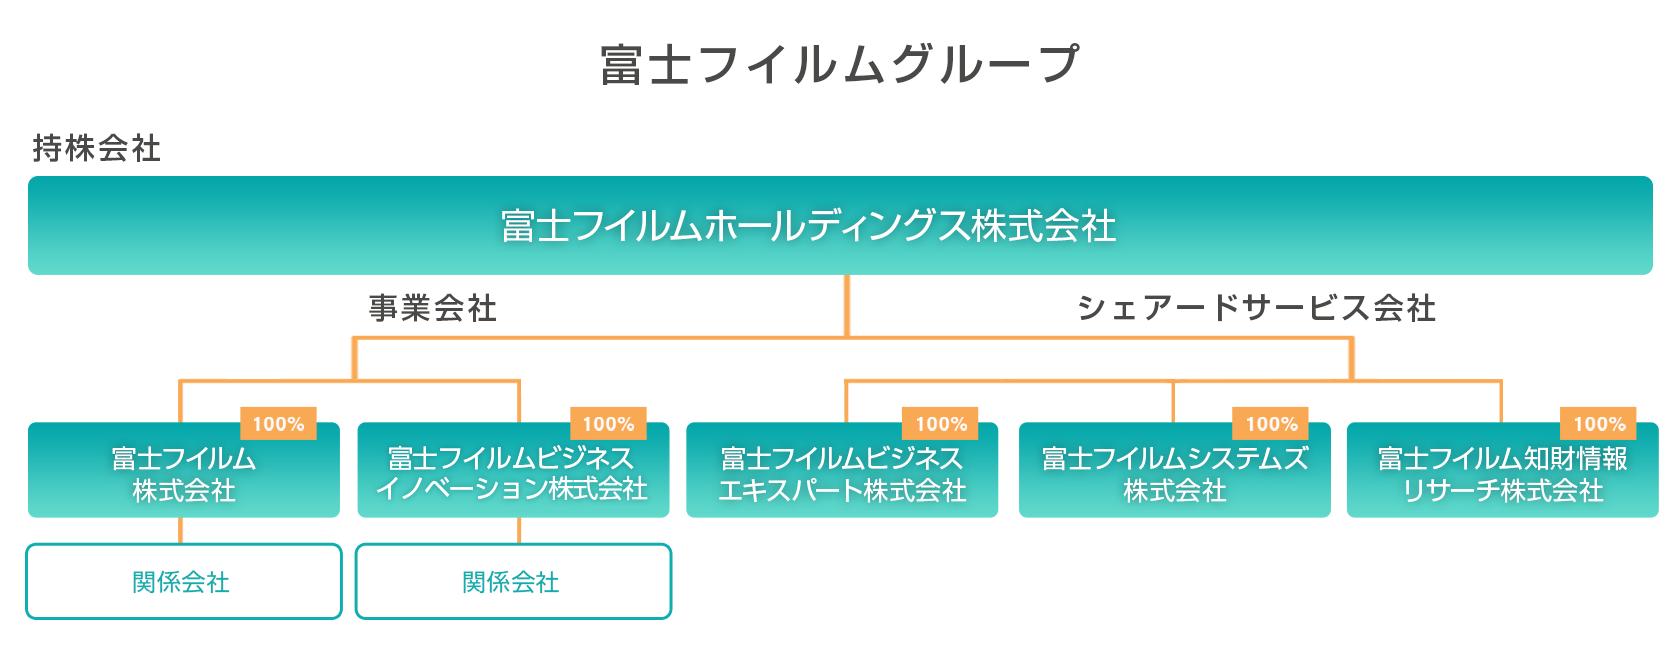 富士 レビオ 株価